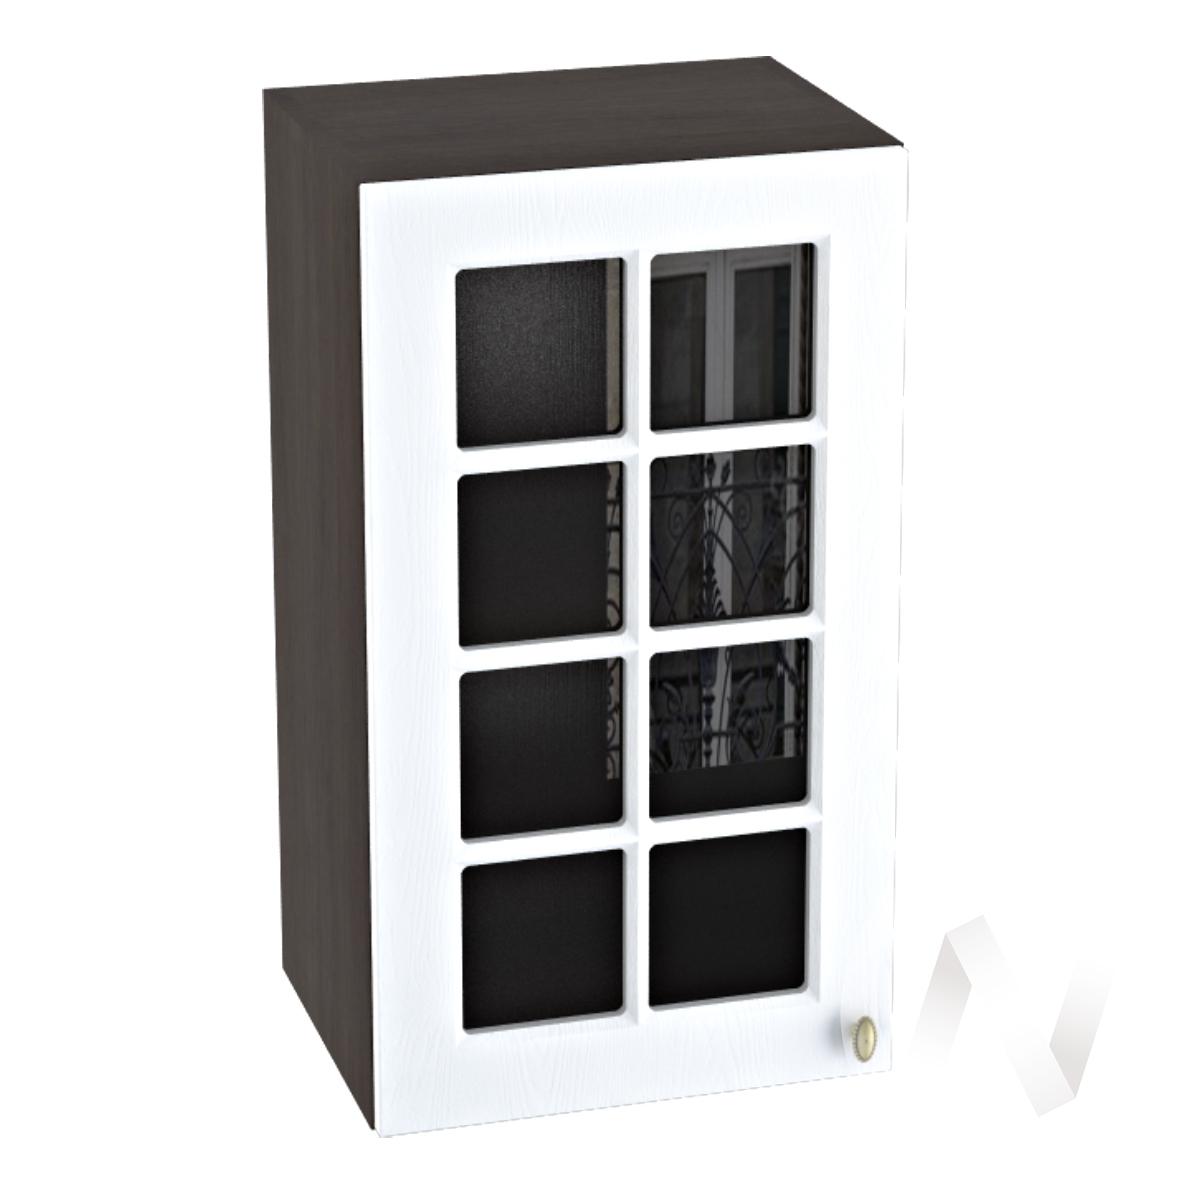 """Кухня """"Прованс"""": Шкаф верхний со стеклом 400, ШВС 400 (белое дерево/корпус венге)  в Новосибирске - интернет магазин Мебельный Проспект"""